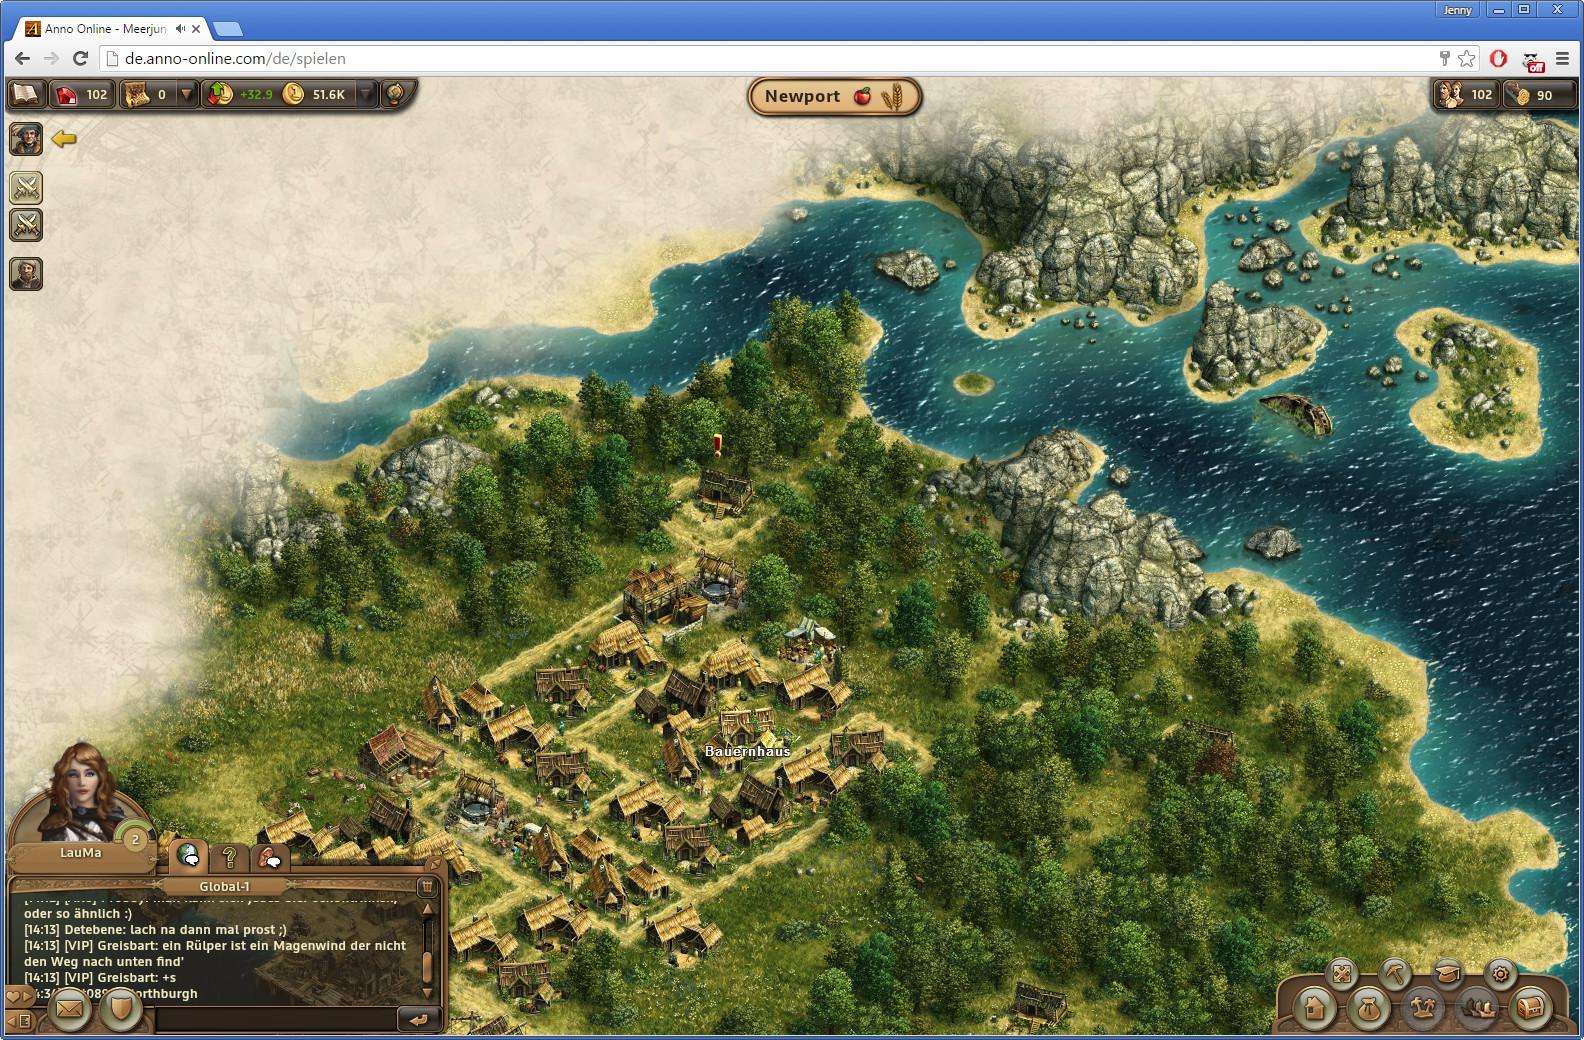 Screenshot 1 - Anno Online